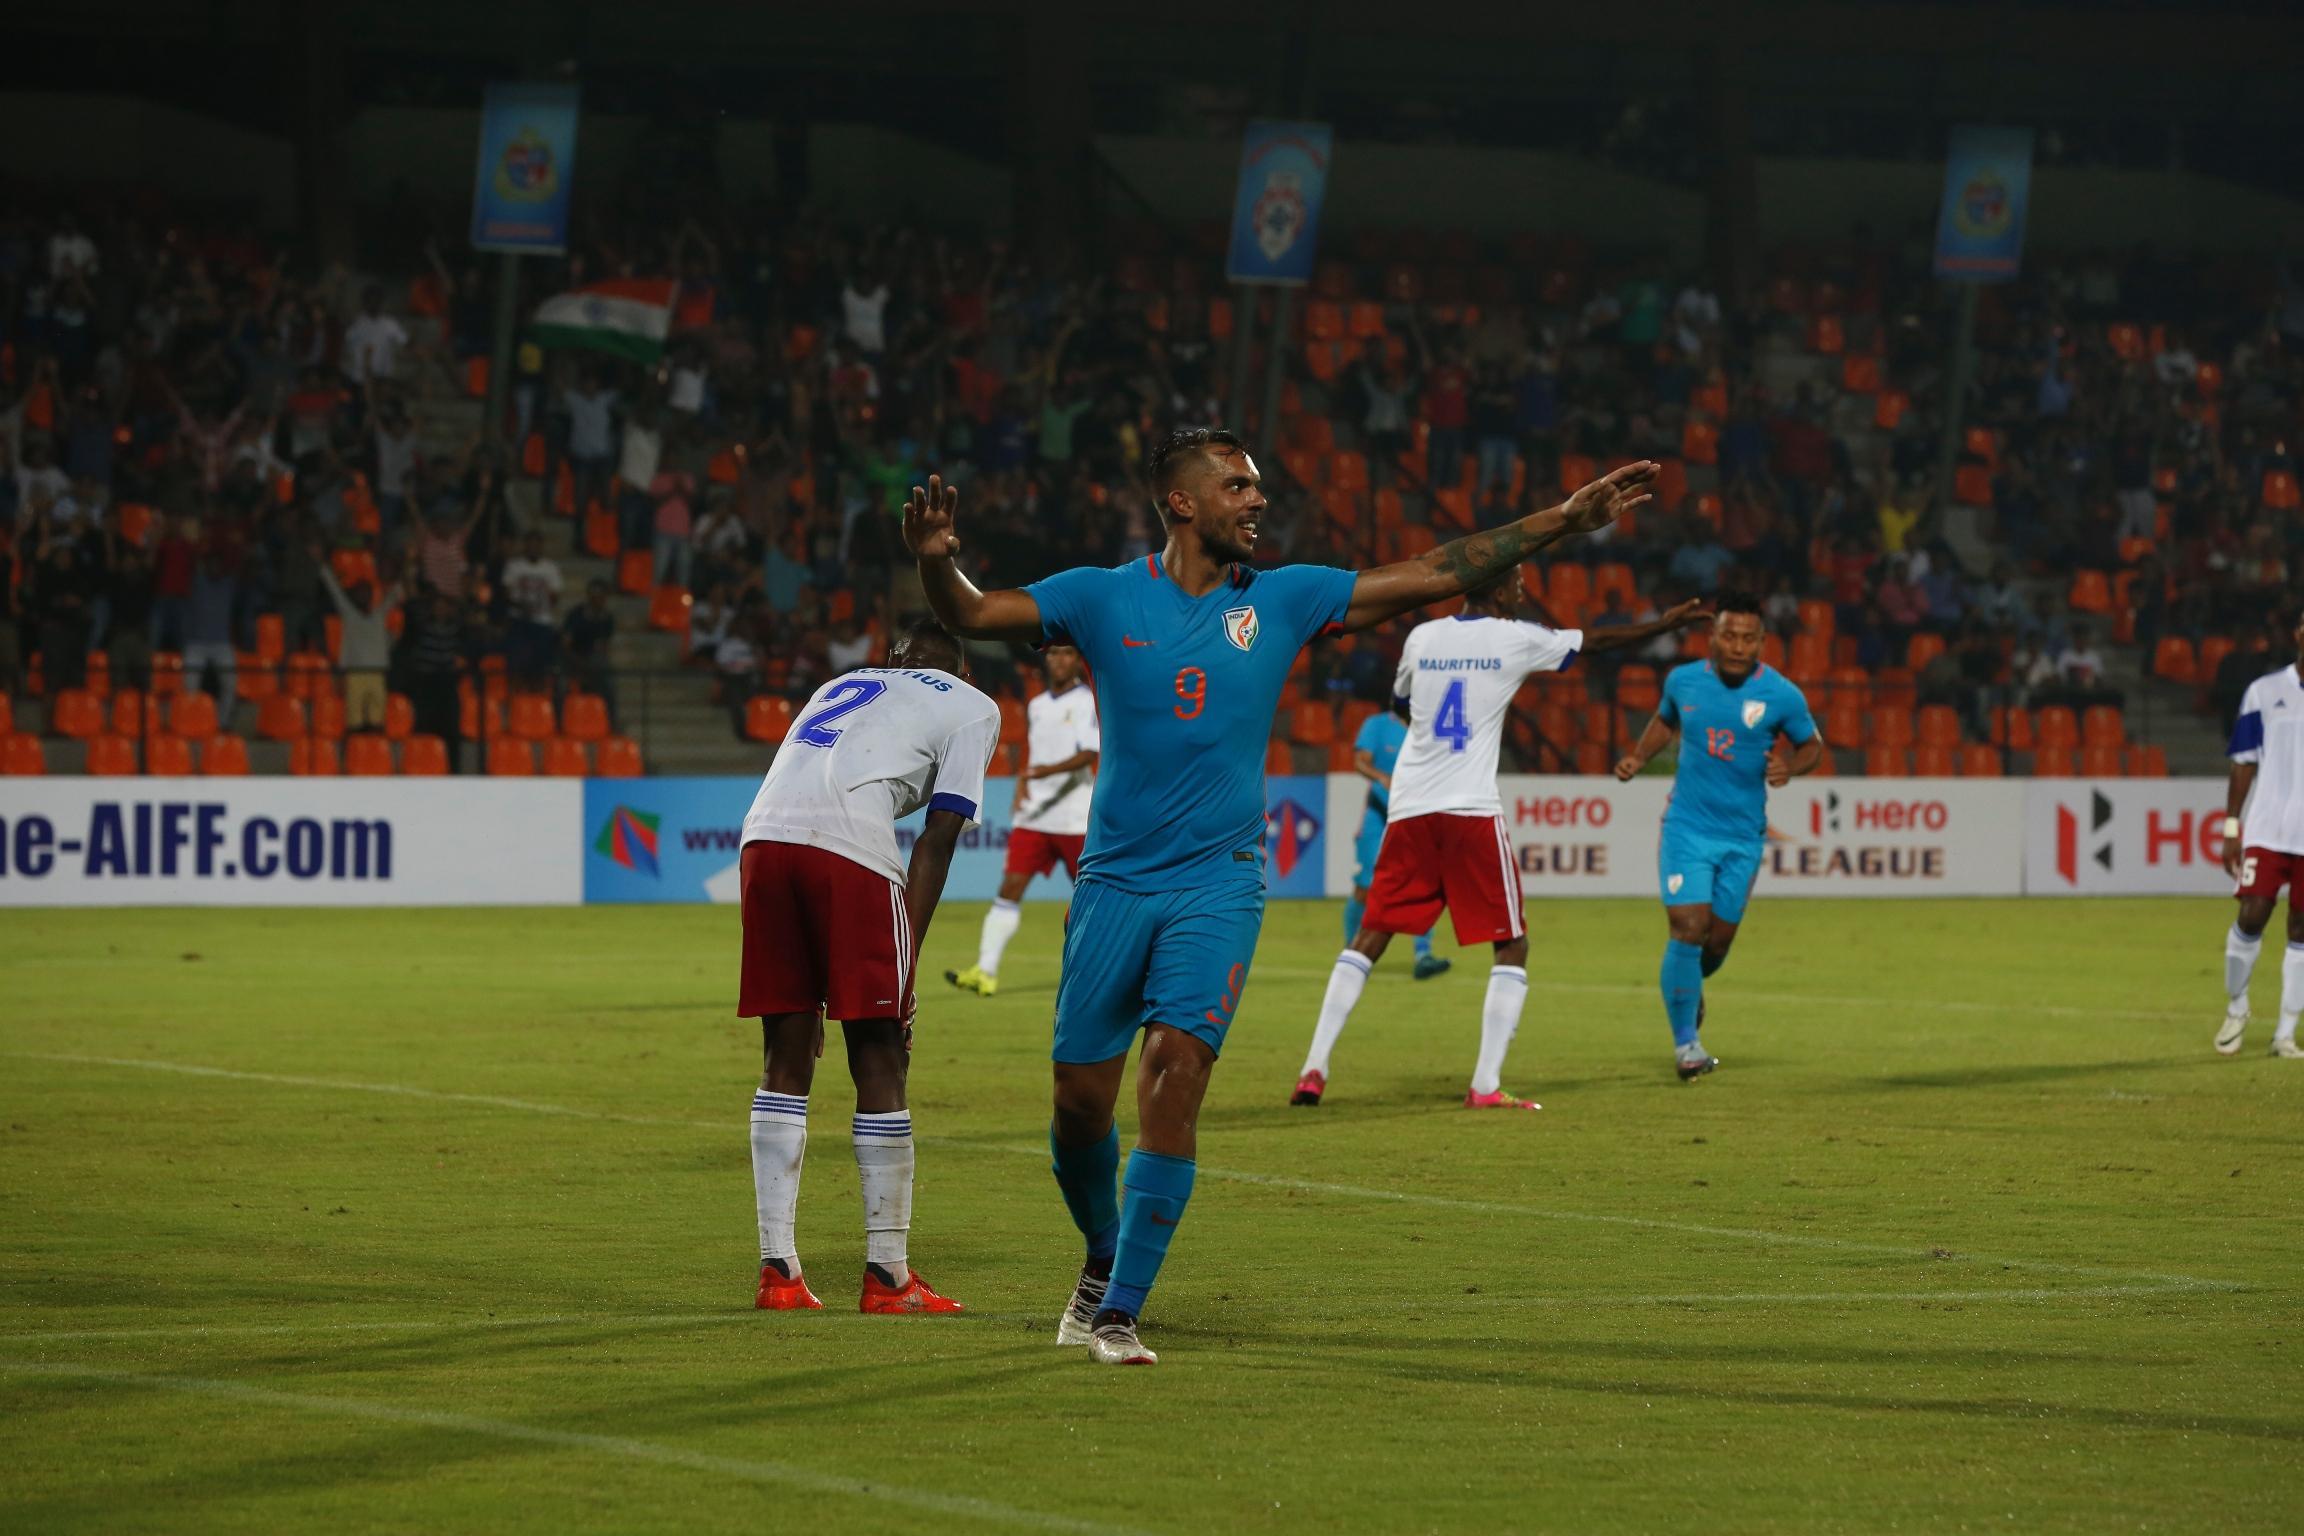 India Mauritius 4